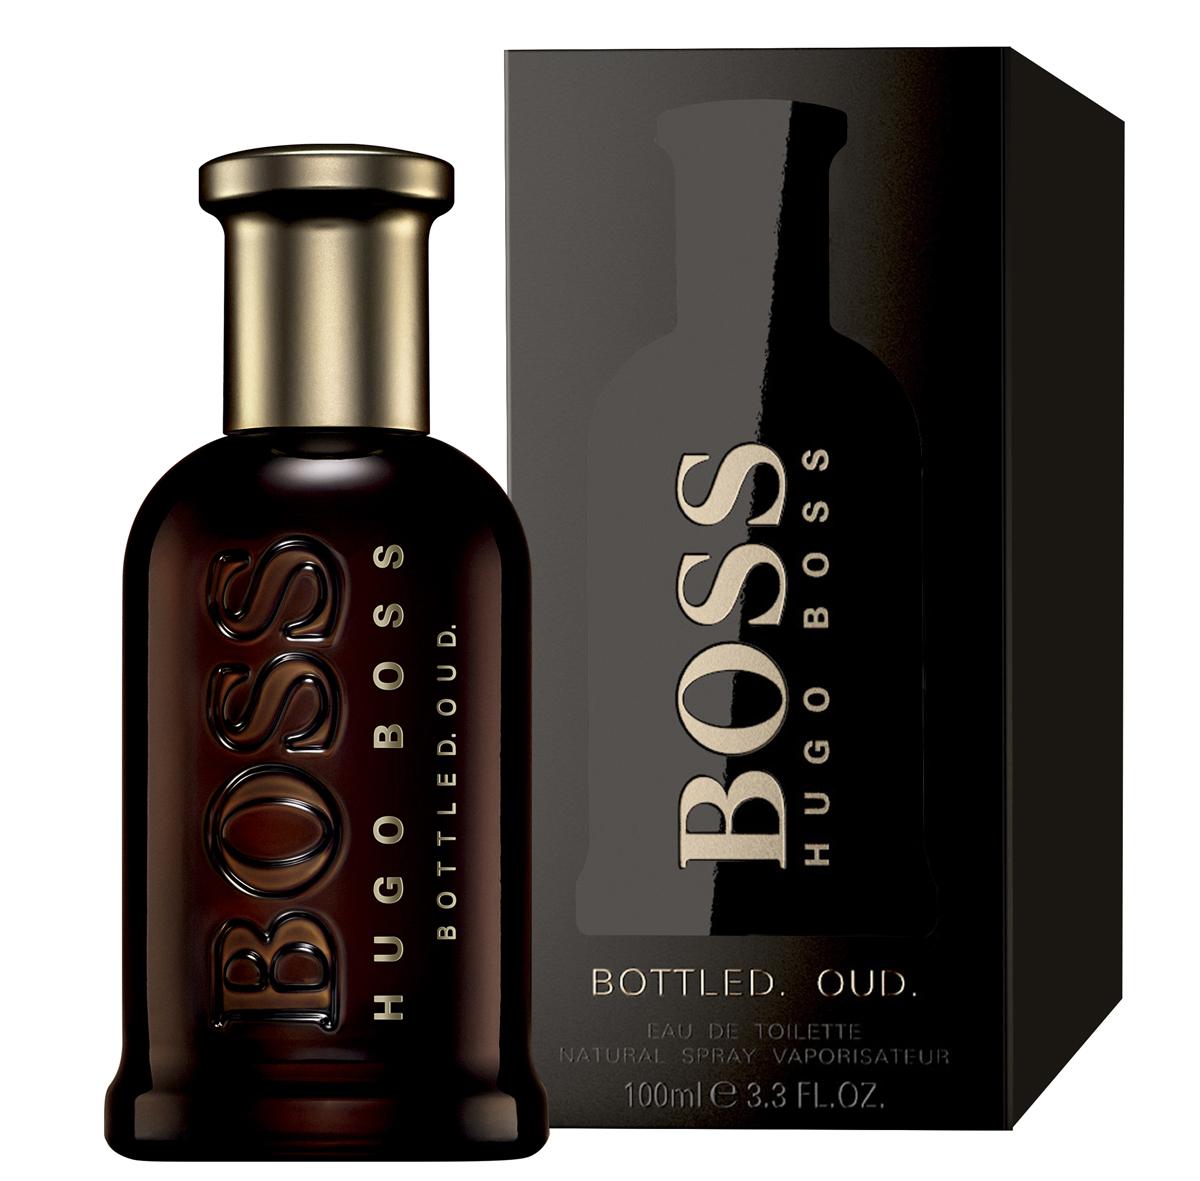 Hugo Boss Bottled Oud Парфюмерная вода мужская 100 мл0737052933269Boss Bottled Oud – глубокий, густой, обволакивающий и мистический по своему звучанию мужской восточно-древесный парфюм с бархатистыми пряными акцентами, выпущенный в 2015 году немецким модным брендом Hugo Boss. Аромат является своеобразным подарком всем любителем аромата уда. Считающийся священным на Востоке, уд последнее время начал свое победное шествие и в западной парфюмерии. Однако очень густой, дымно-сладкий аромат, столь популярный на Востоке непривычен для европейцев. Поэтому парфюмерам приходится облегчать его с помощью других ароматических ингредиентов, заставляя звучать более легко и непринужденно, как это принято в европейских парфюмерных традициях. Таким вот ароматом, стоящим одновременно на восточных и европейских традициях, и стал новый парфюм от Хьюго Босс. В нем сладковато-дымный, пряный уд буквально растворяется в бархатистых нотах корицы и горьковато-пряном шафране, будучи дополненным тонким древесно-сливочным аромата светлой древесины.